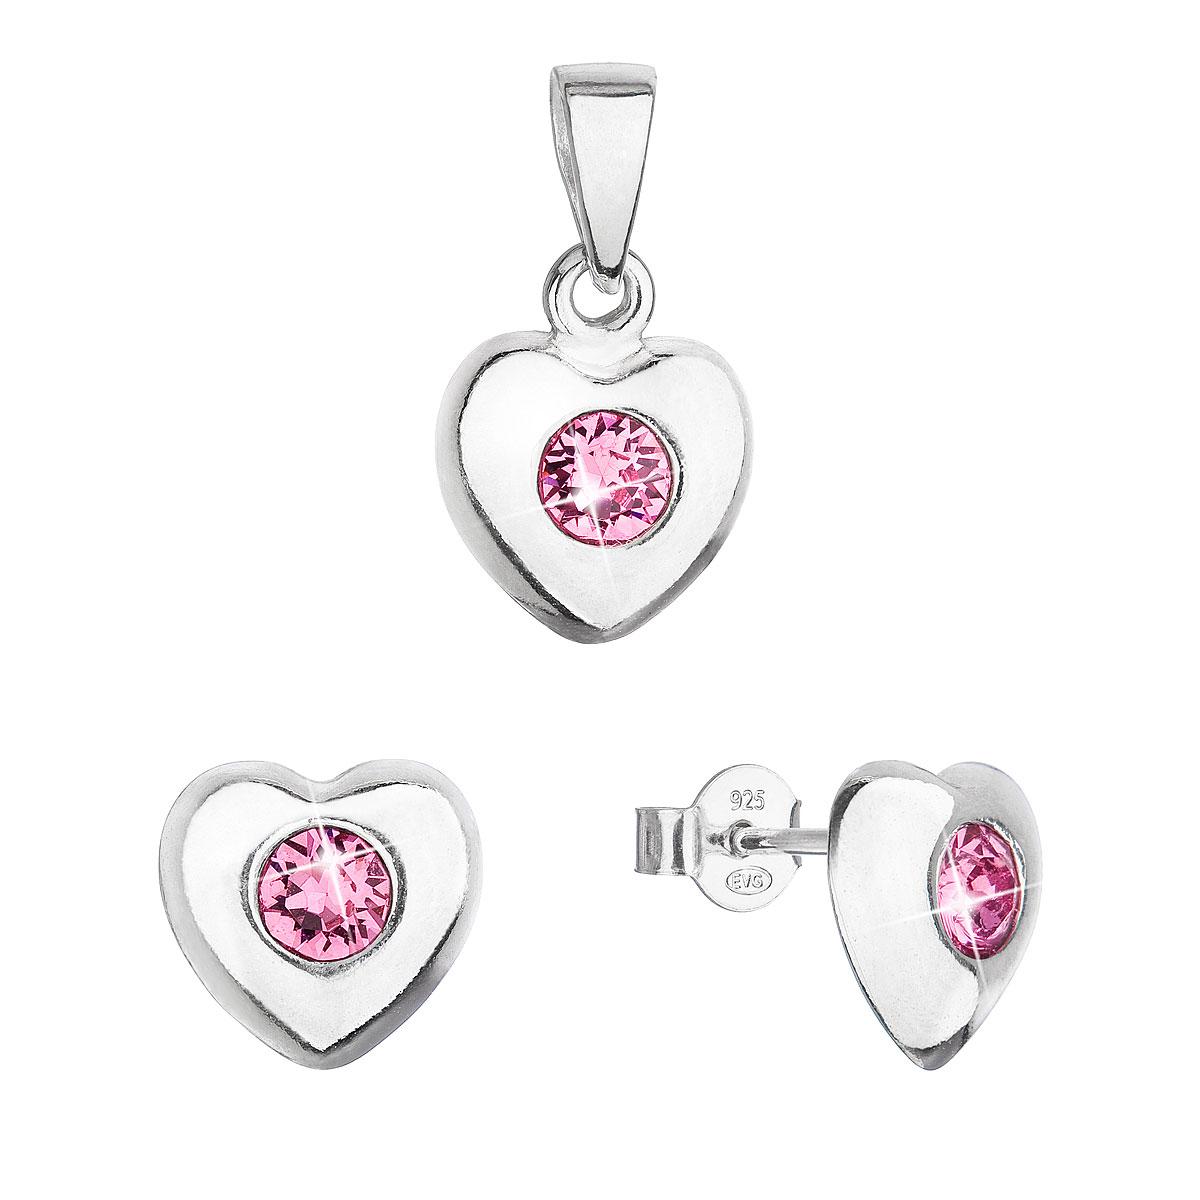 Sada šperkov s kryštálmi Swarovski náušnice a prívesok ružové srdce 39176.3